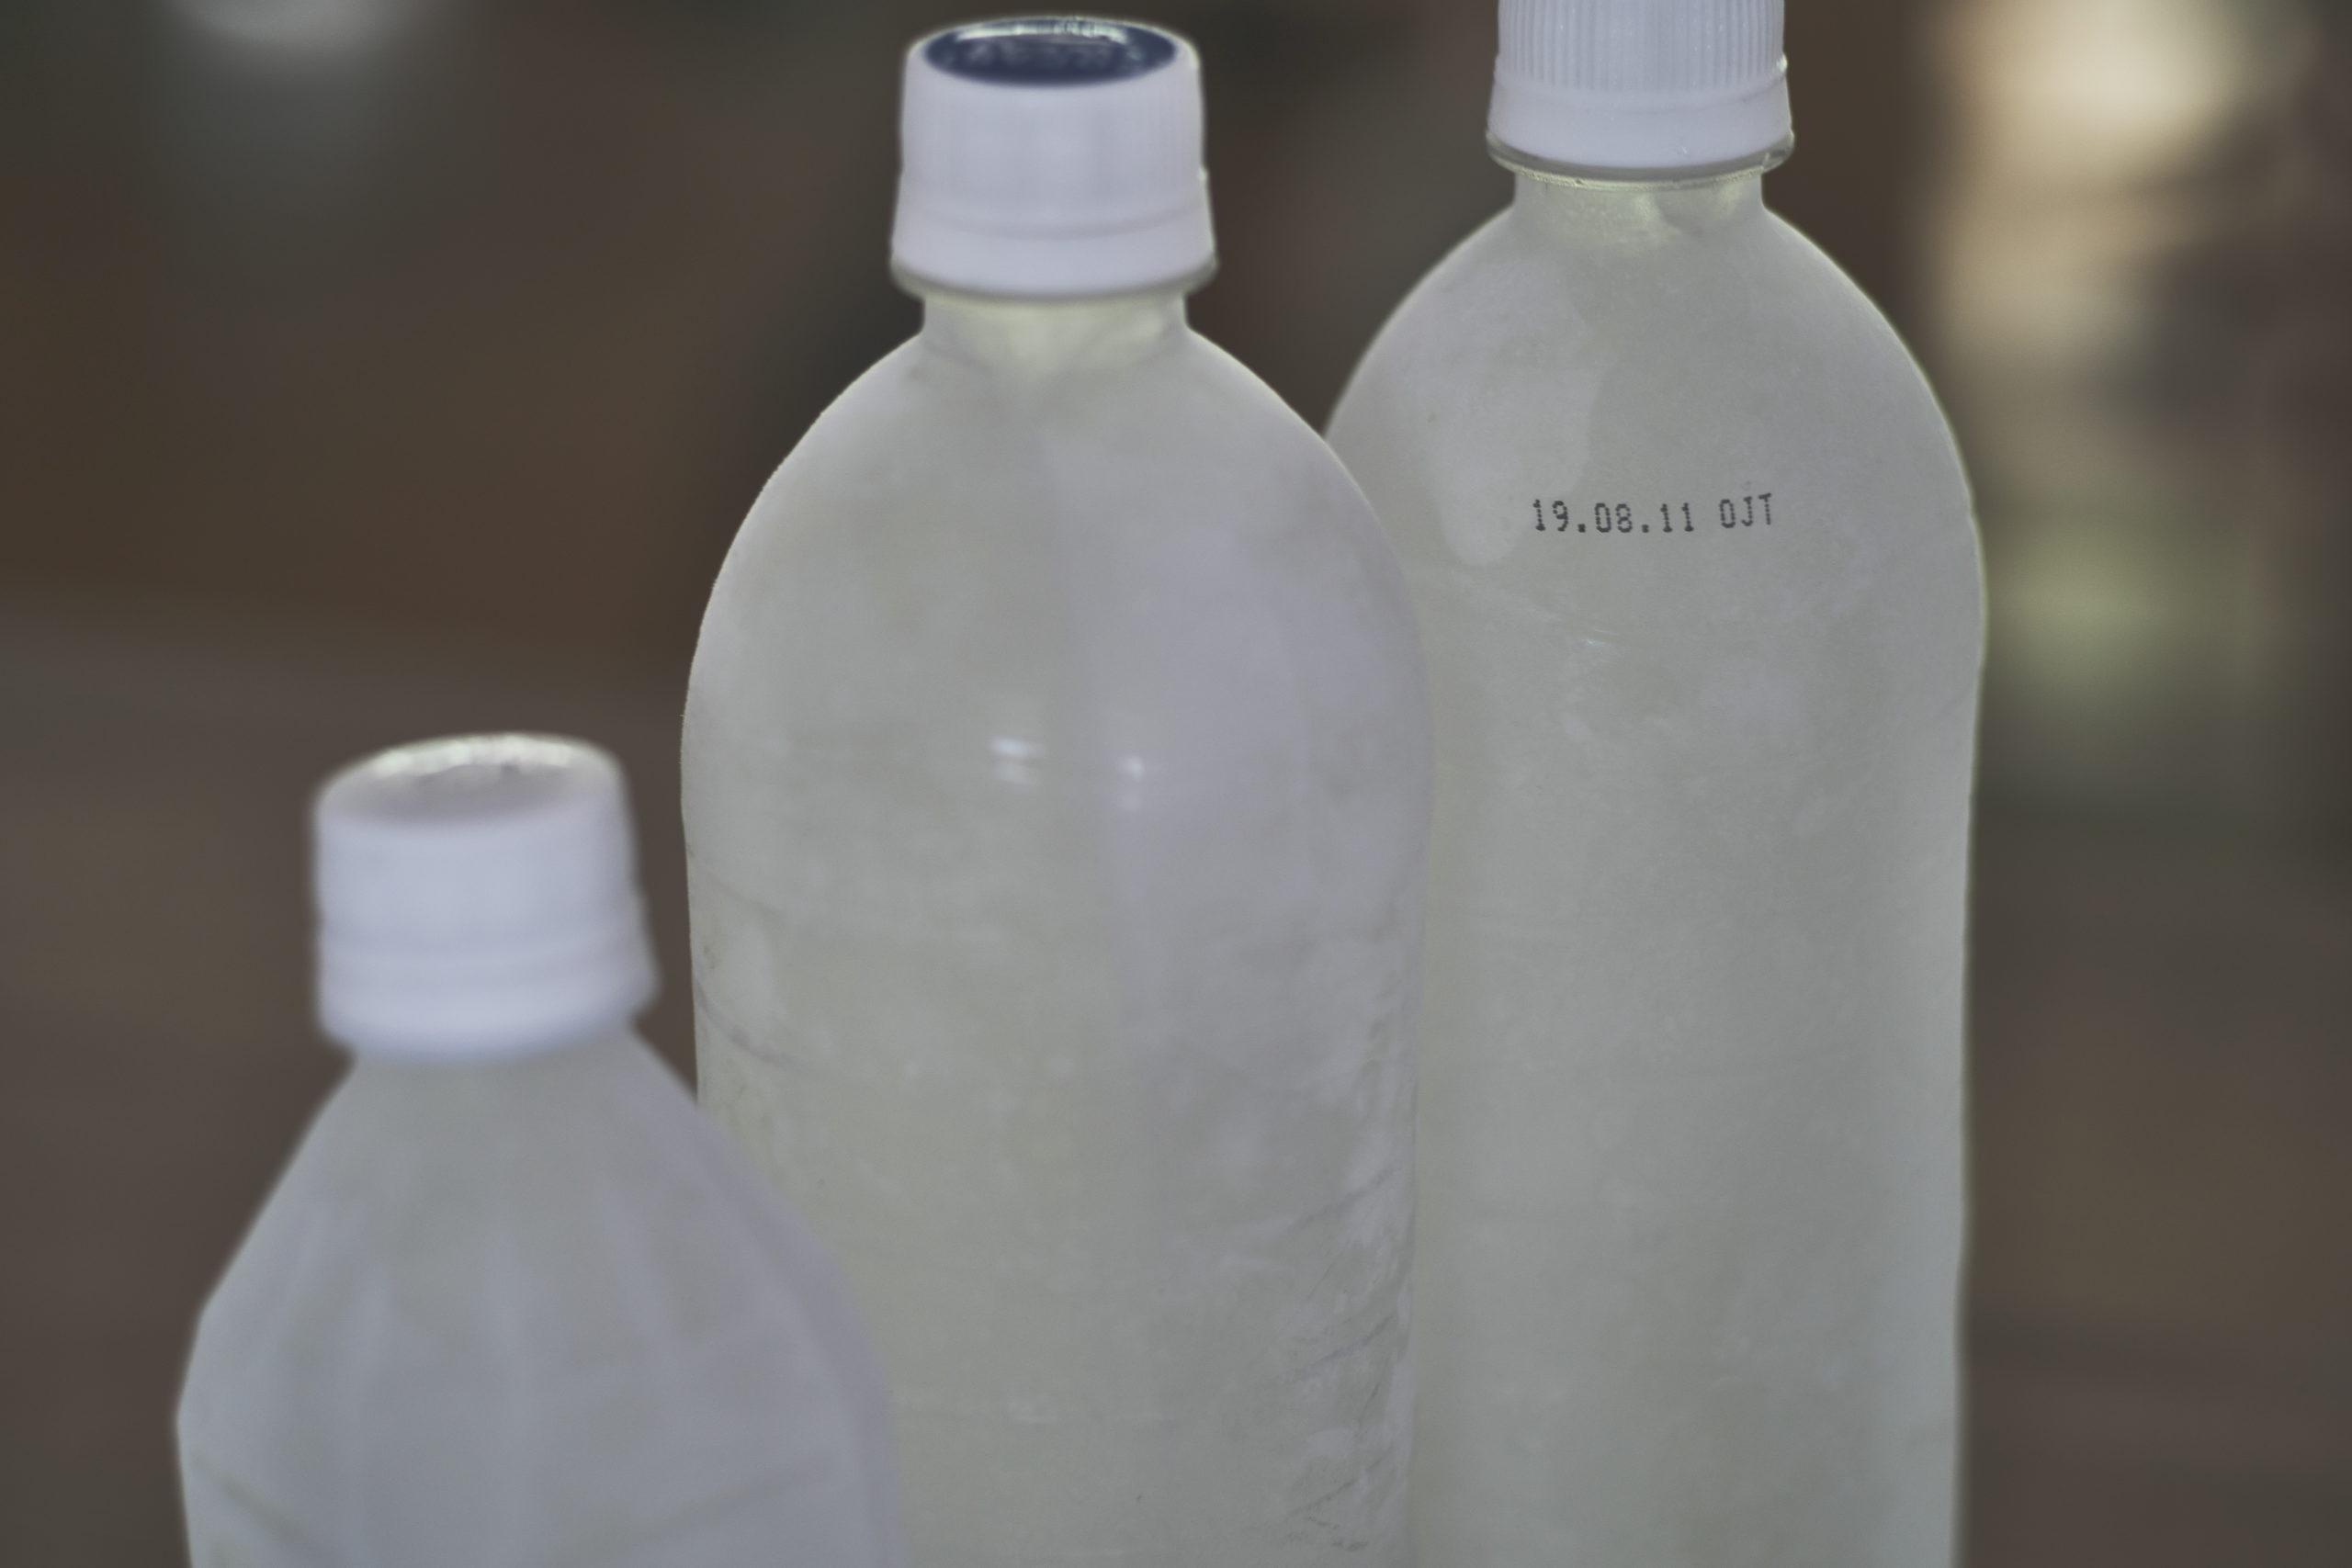 停電時の防災の備え:ペットボトルの水を冷凍。